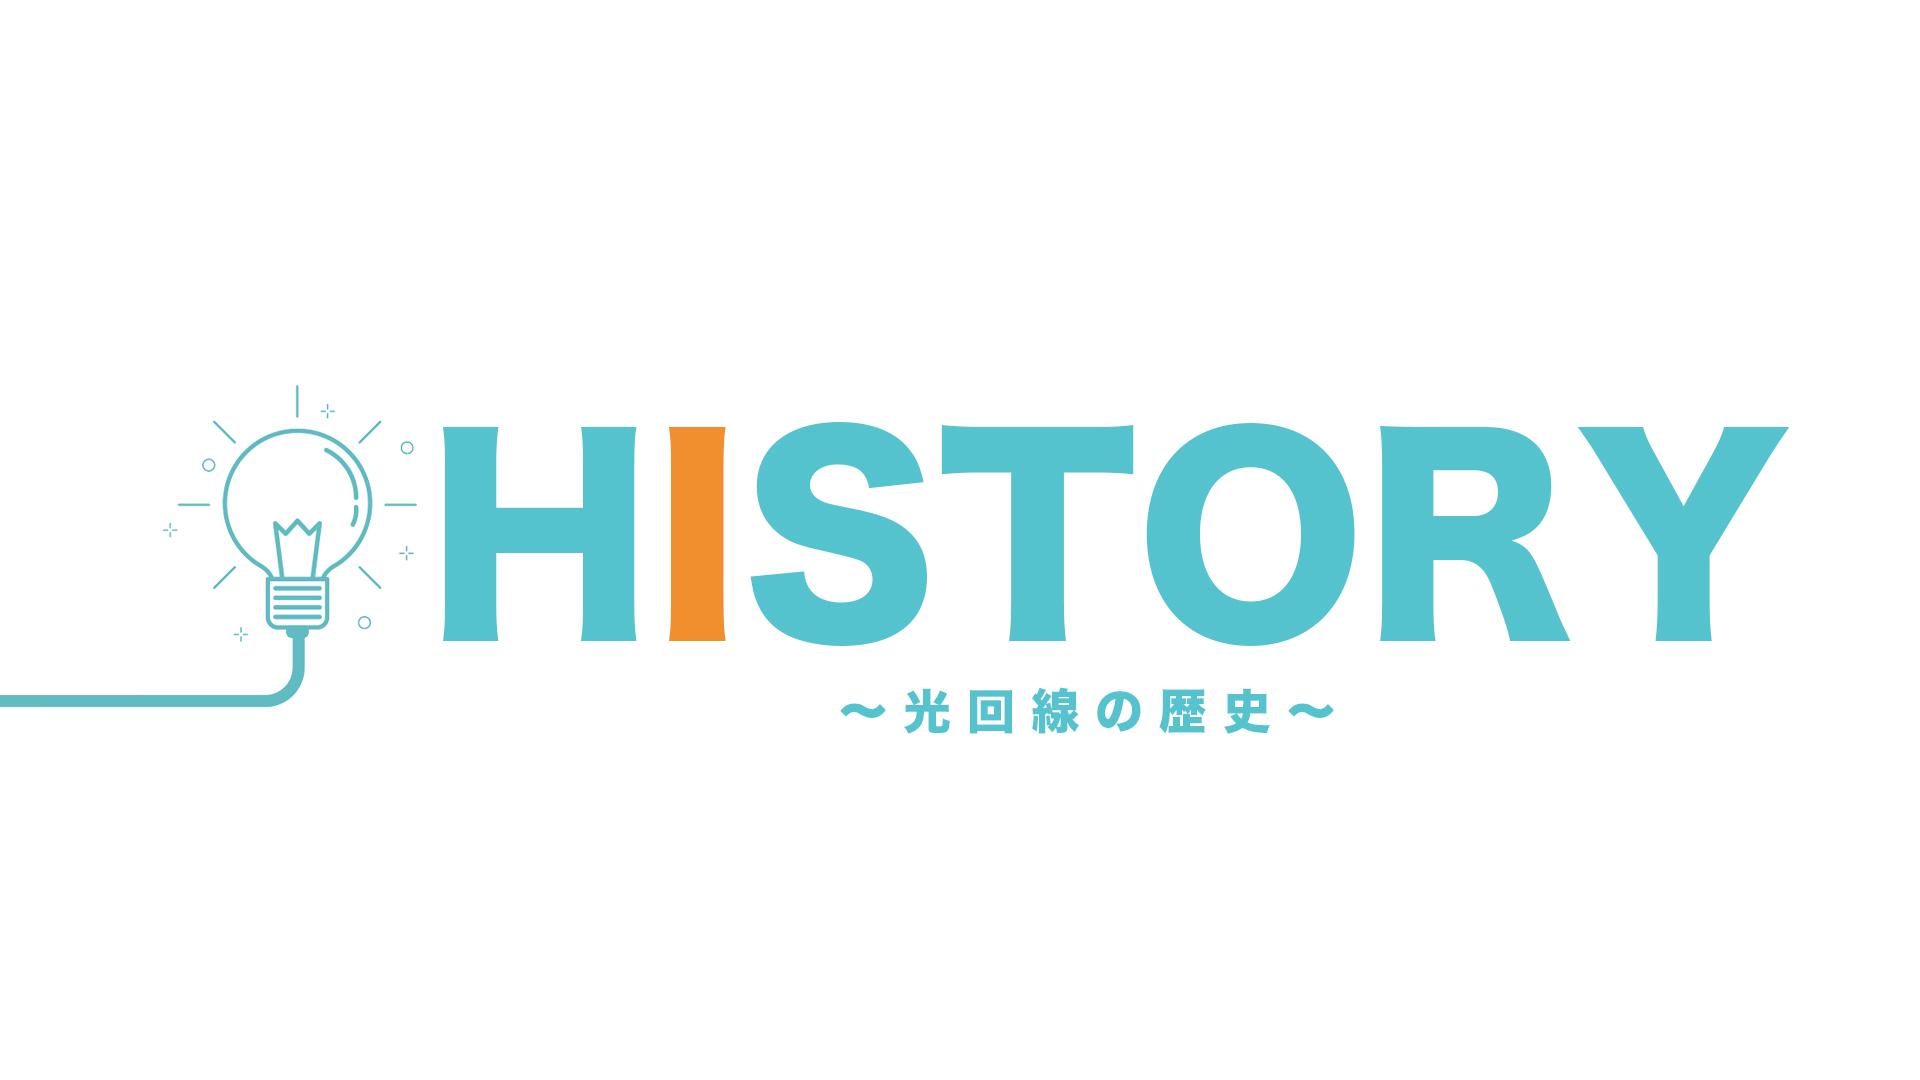 光回線の歴史